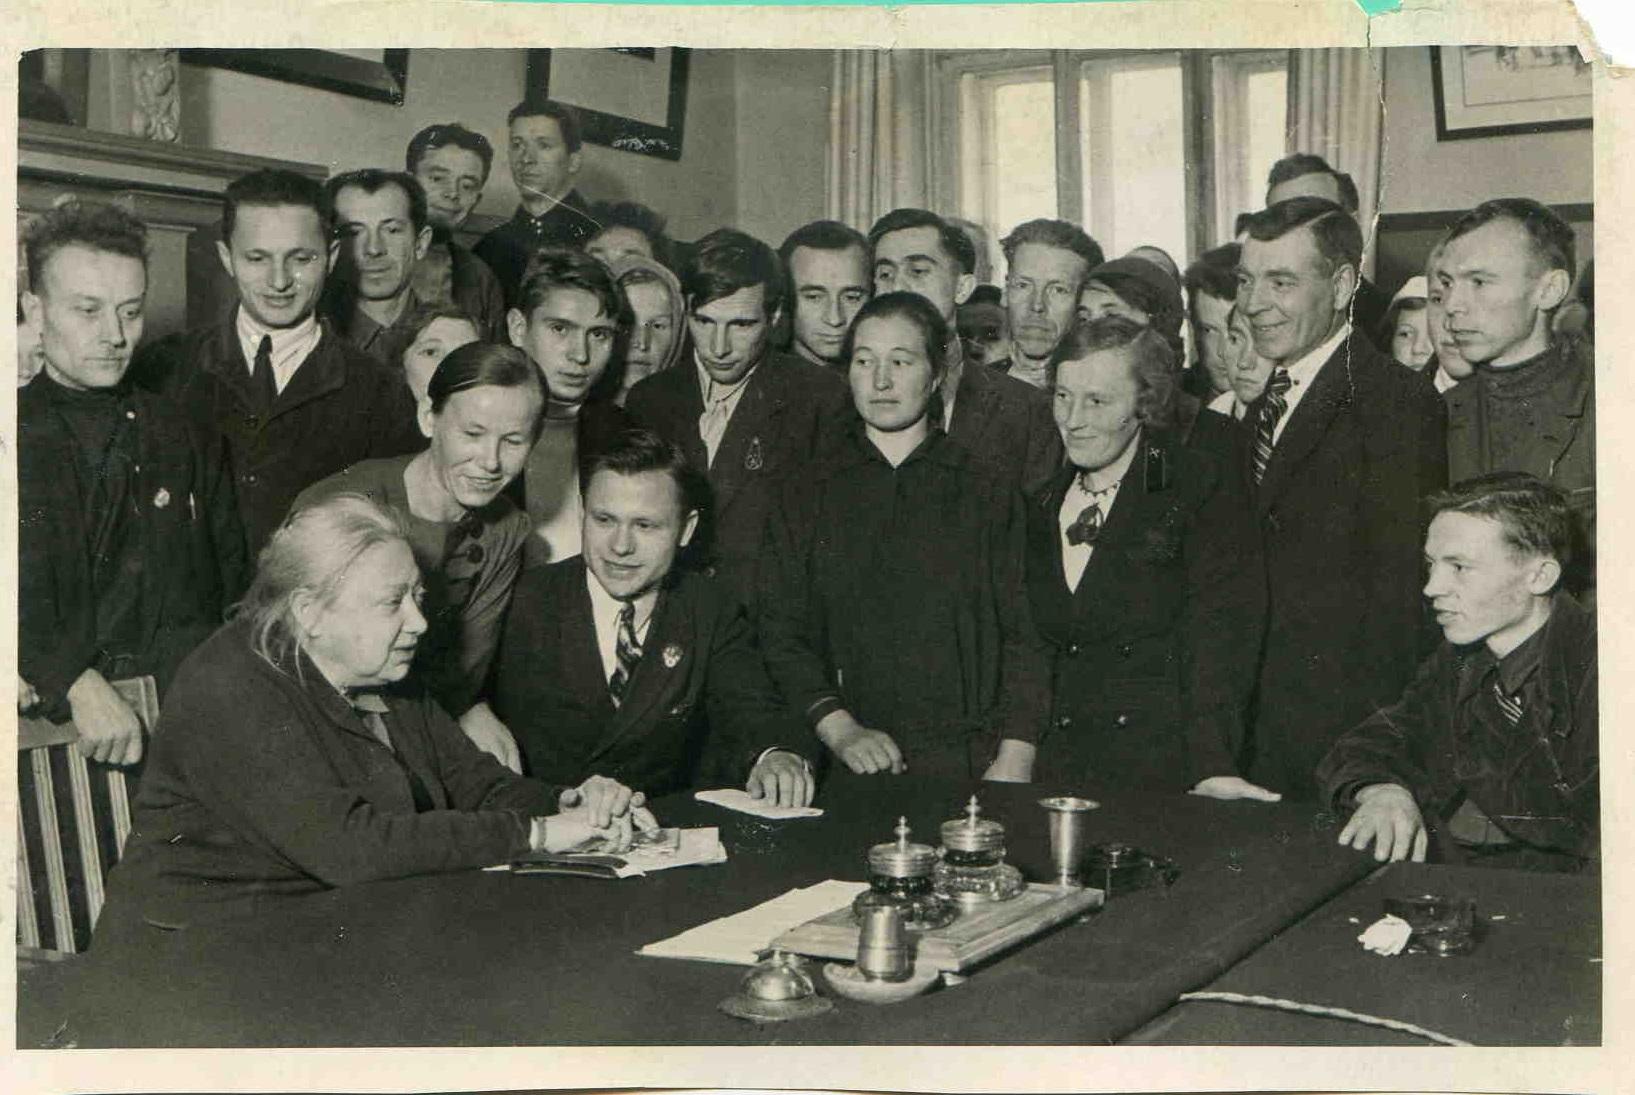 1926. Н.К.Крупская в группе делегатов Х съезда ВЛКСМ. Москва, 26 мая.